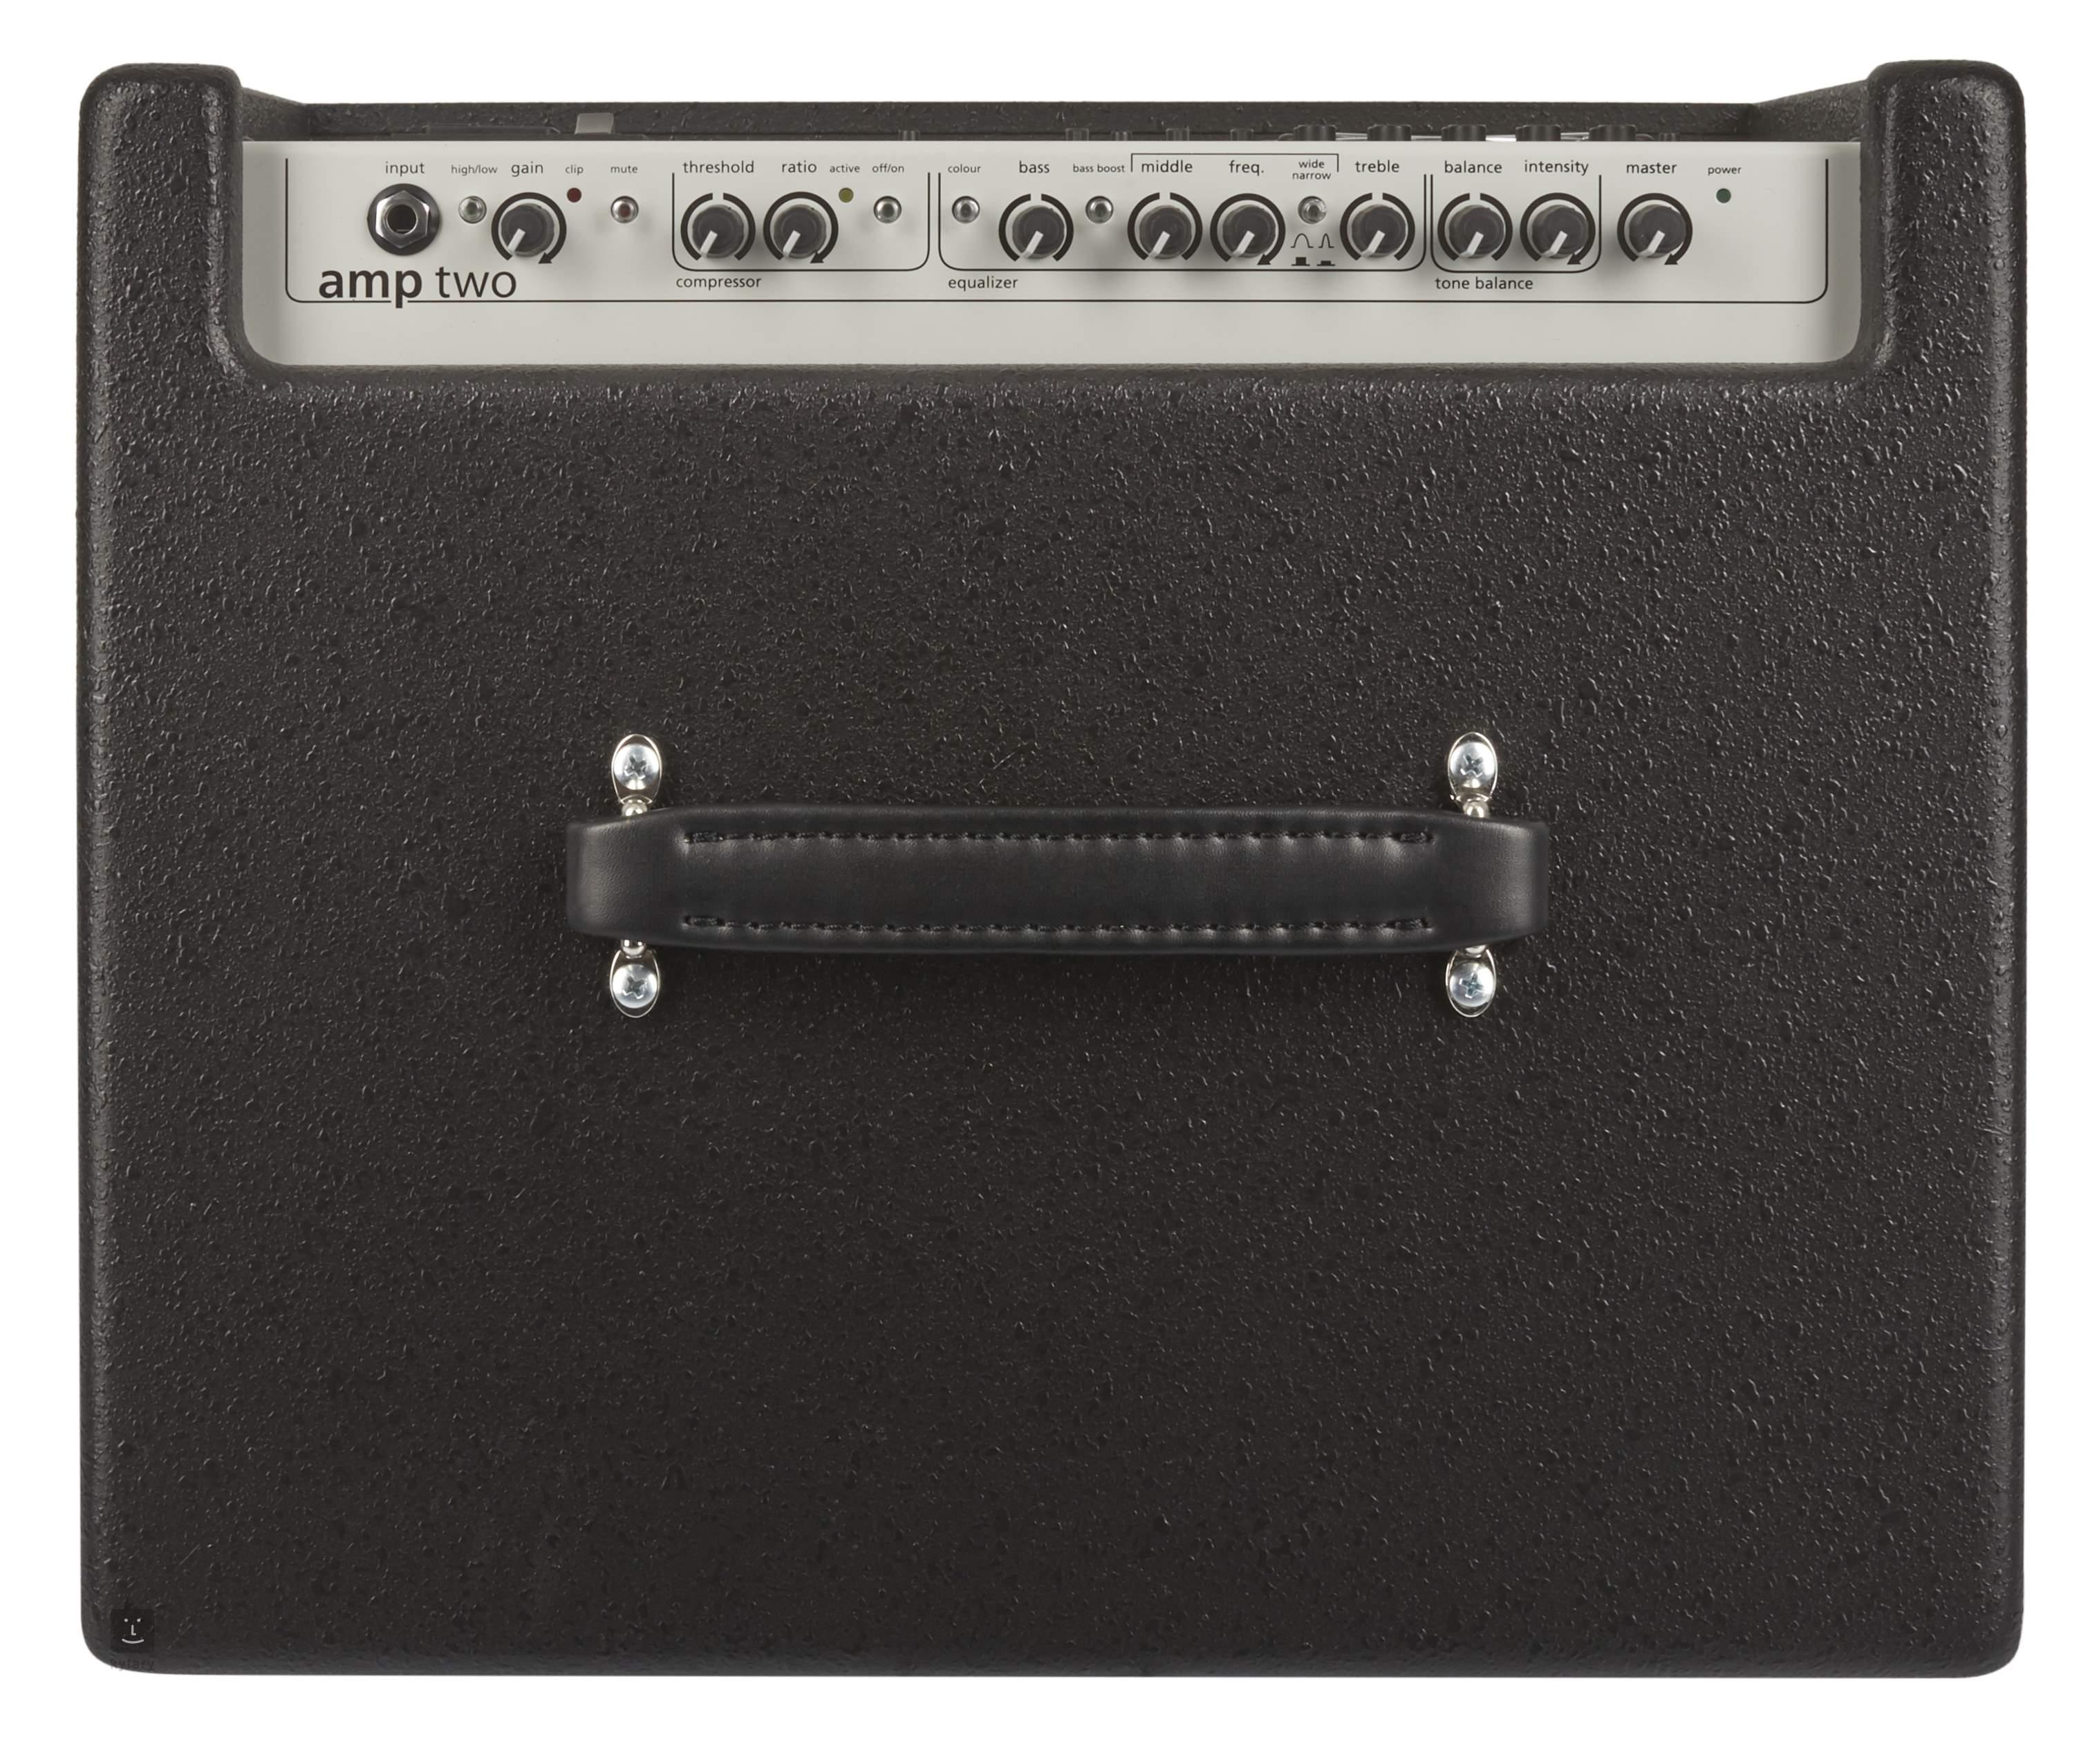 6 amp připojení